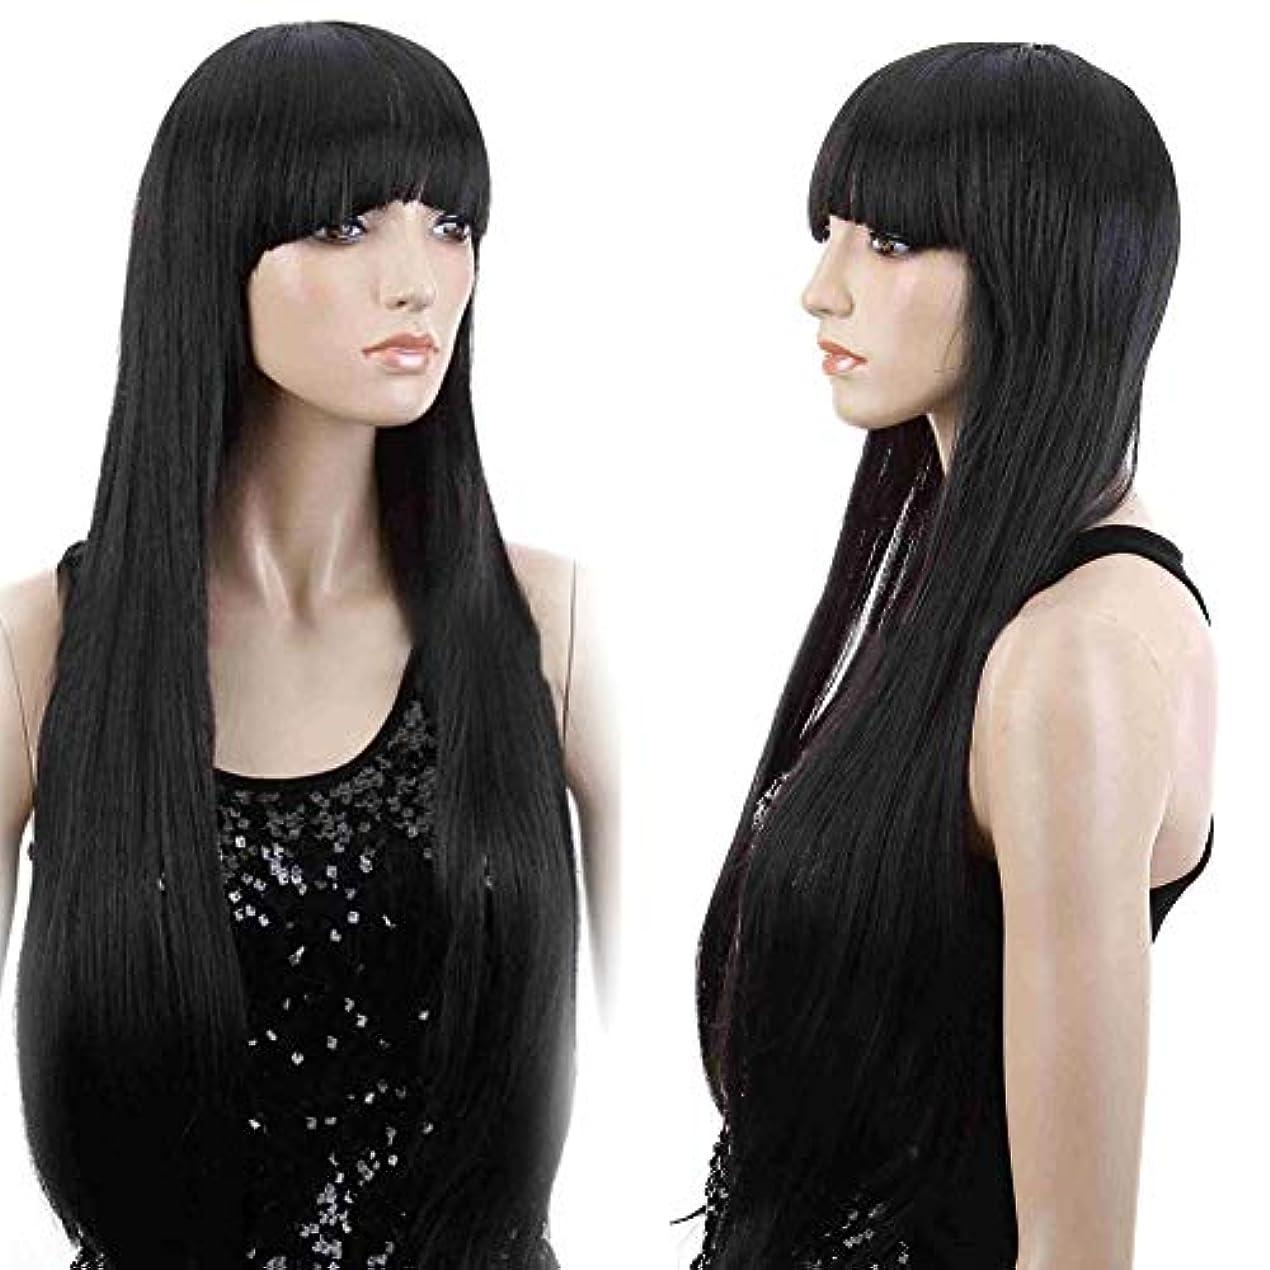 夜明け友情たくさんのslQinjiansav女性ウィッグ修理ツール女性前髪耐熱性ロングストレートウィッグコスプレパーティー合成ヘアピース